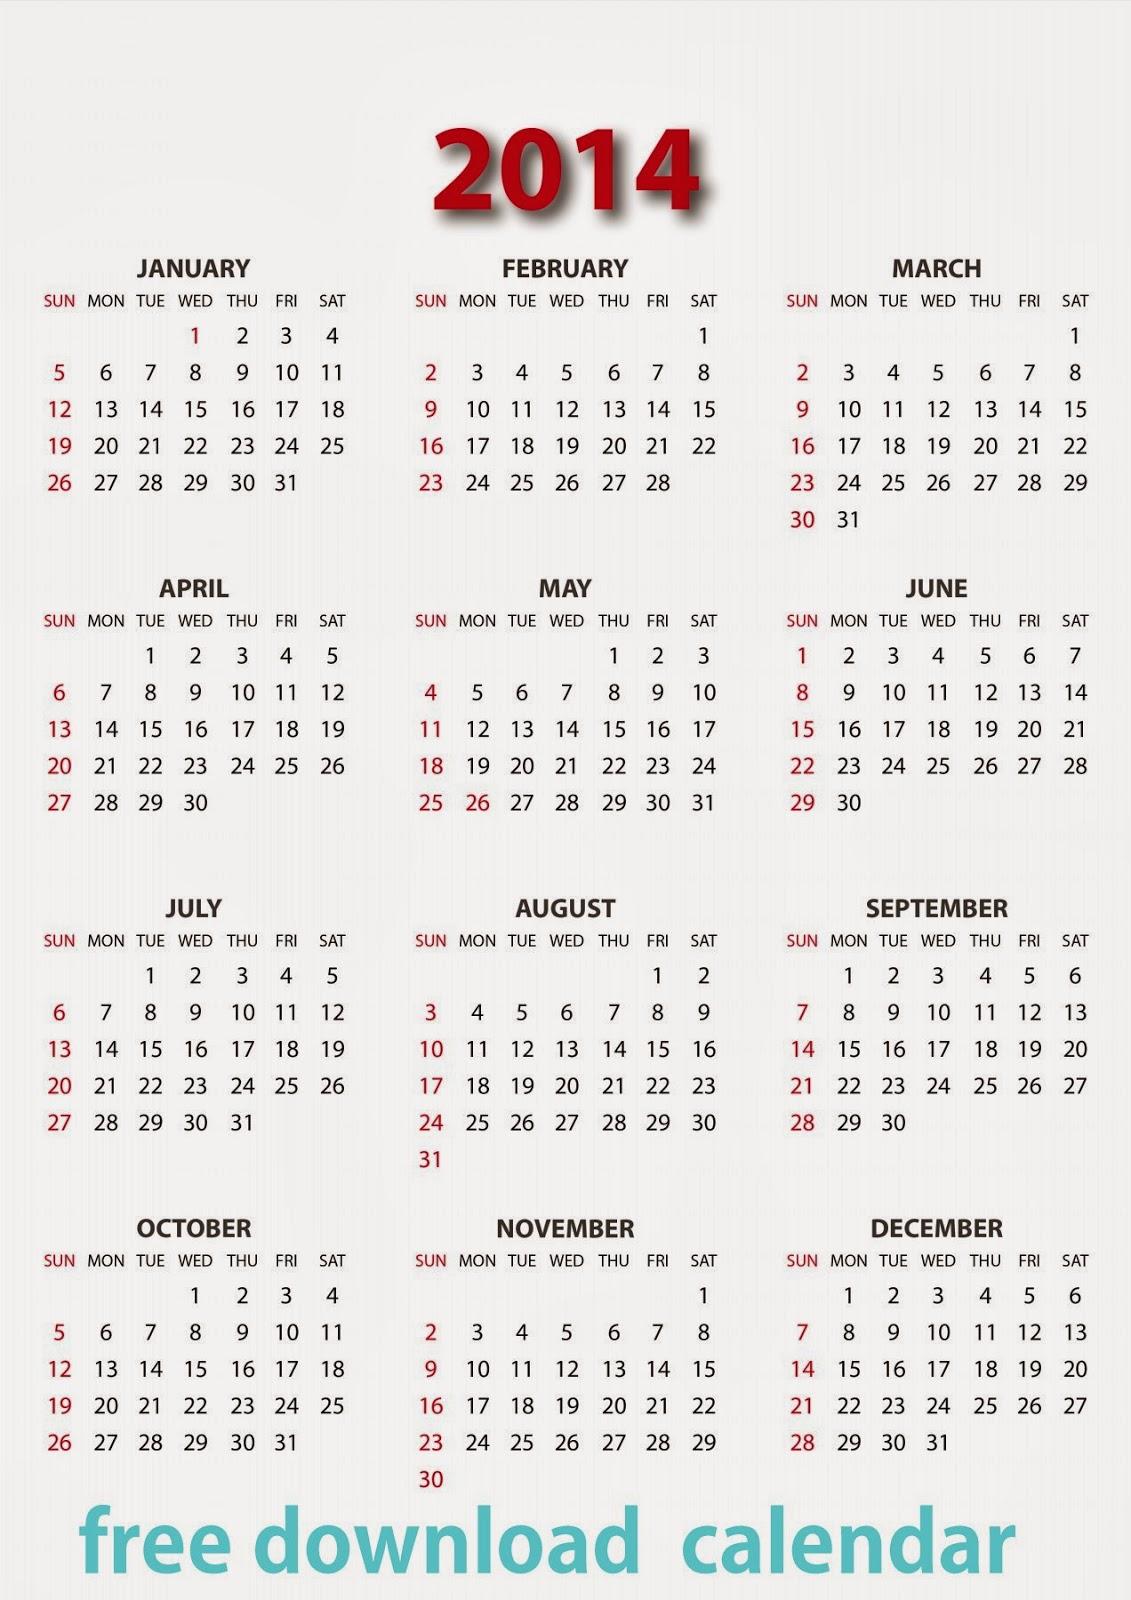 2014 Printable Calendar - Waterproof Paper